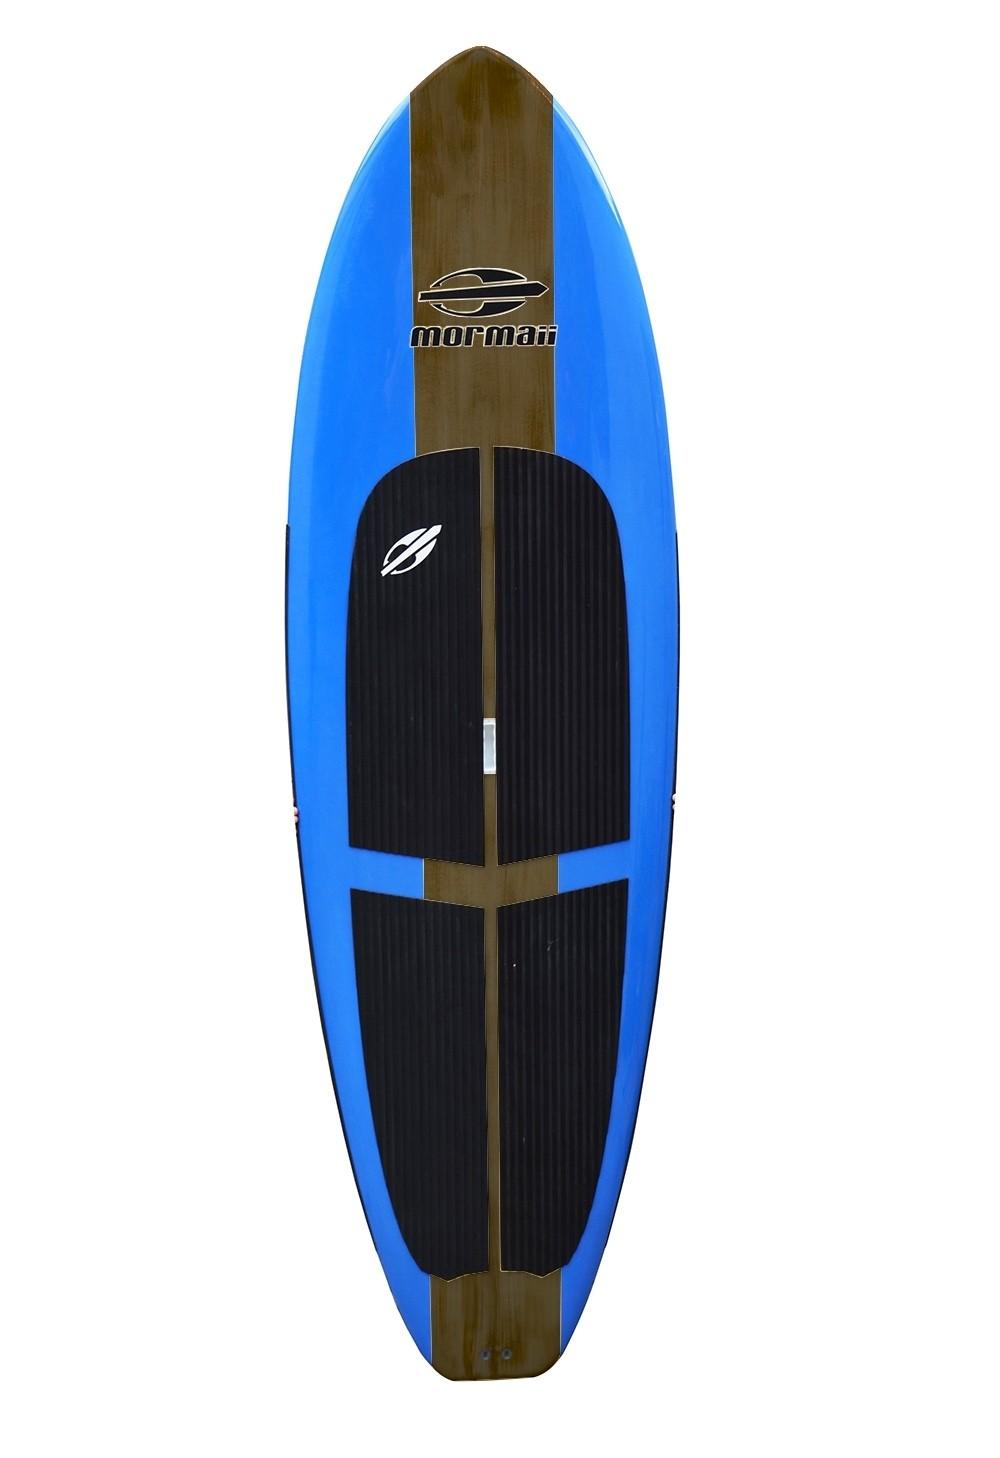 Prancha de Stand Up Paddle 10' Mormaii Azul - Pronta Entrega | Prancharia